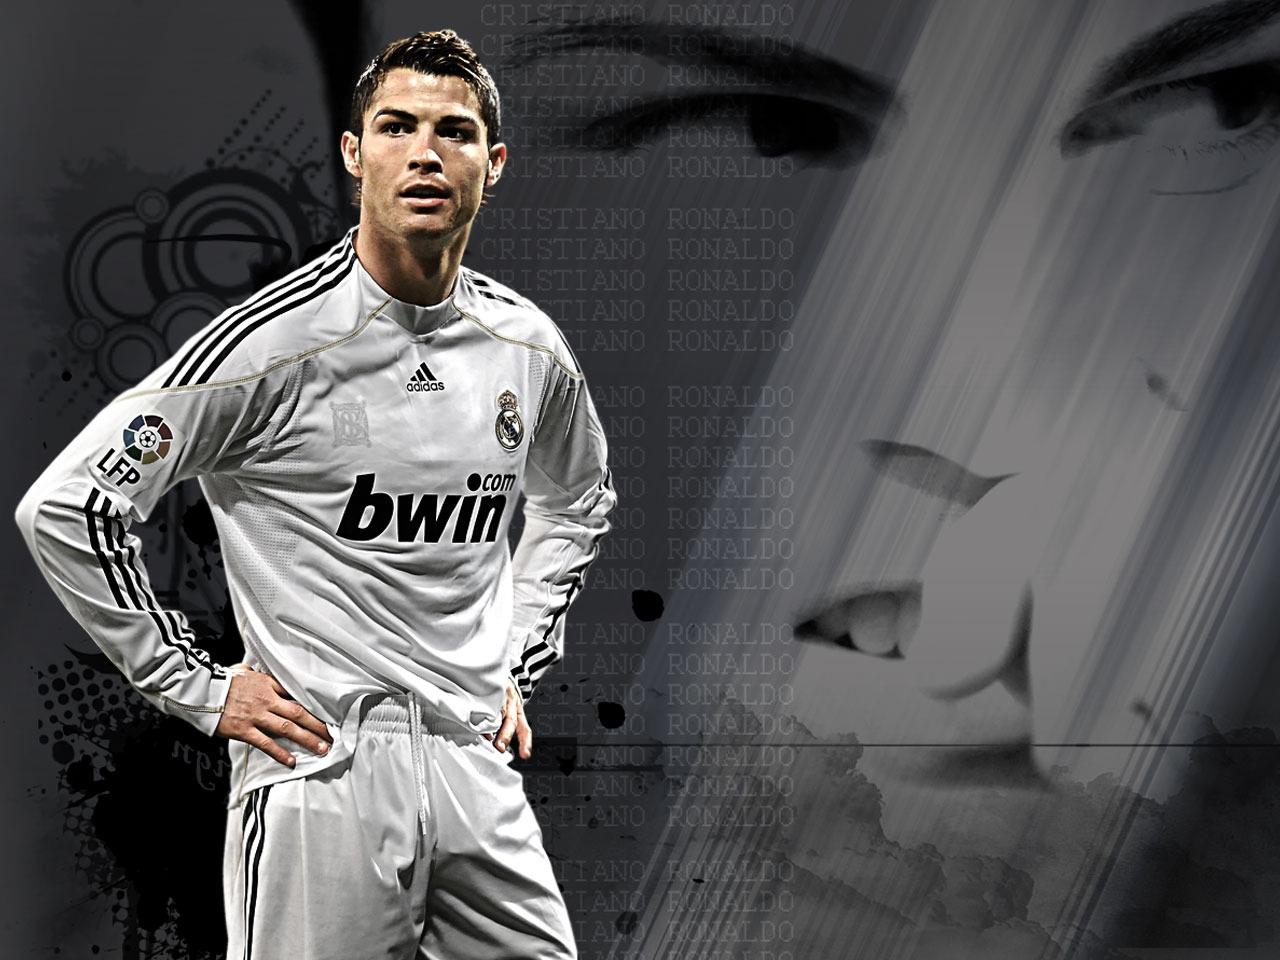 http://1.bp.blogspot.com/-itggIT-E5EA/T-T5Wzl0DEI/AAAAAAAAAmk/YBDOZPaZSWs/s1600/Cristiano+Ronaldo+wallpaper+%2712.jpg